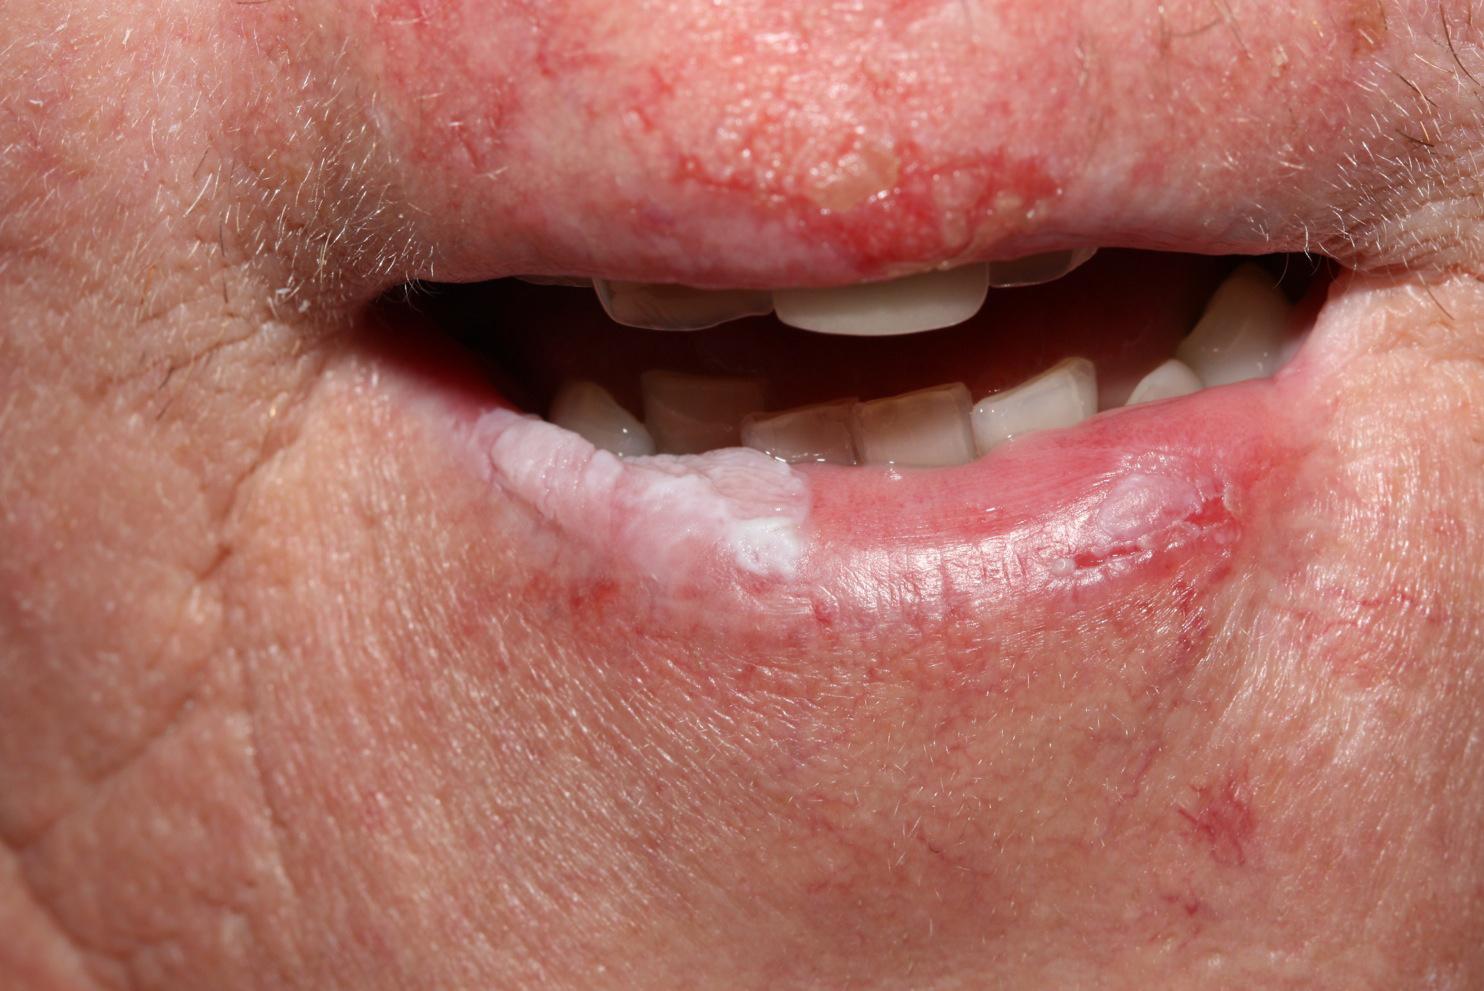 Bőrkiütés az ajkakon: a kezelés okai és módszerei - Előkészületek